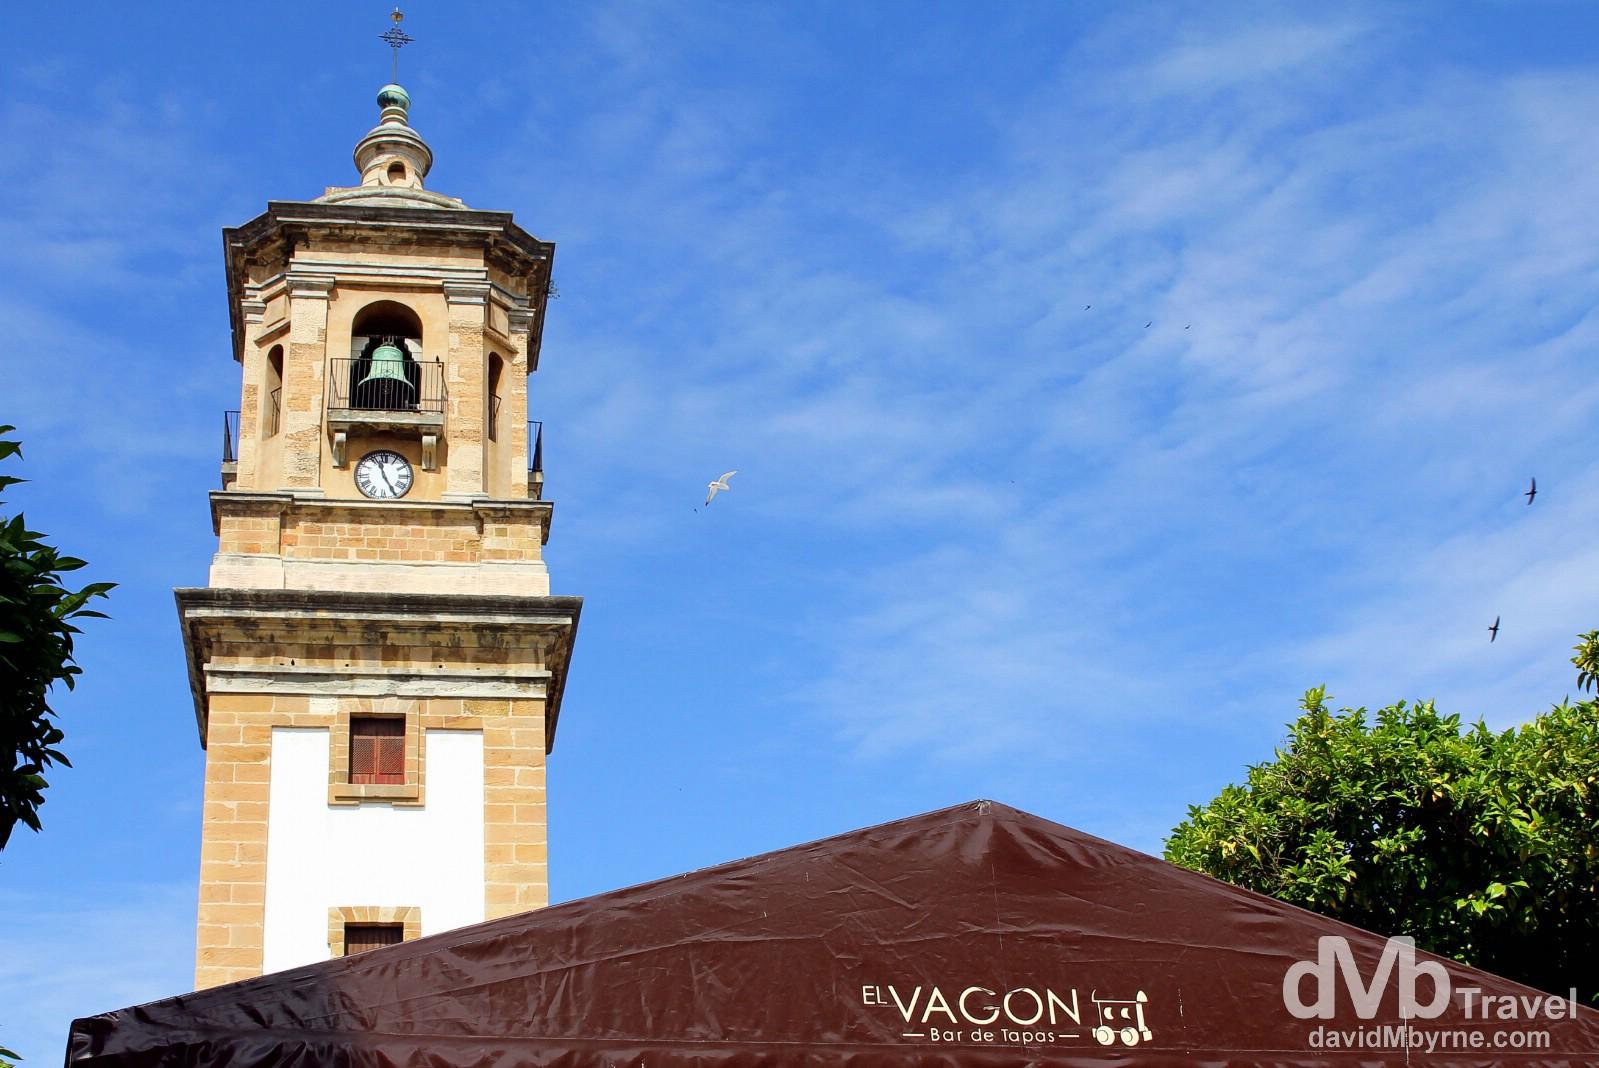 A tapas bar fronting Iglesia Nuestra Senora de la Palma in Plaza Alta, Algeciras, Andalucia, southern Spain. June 5th, 2014.